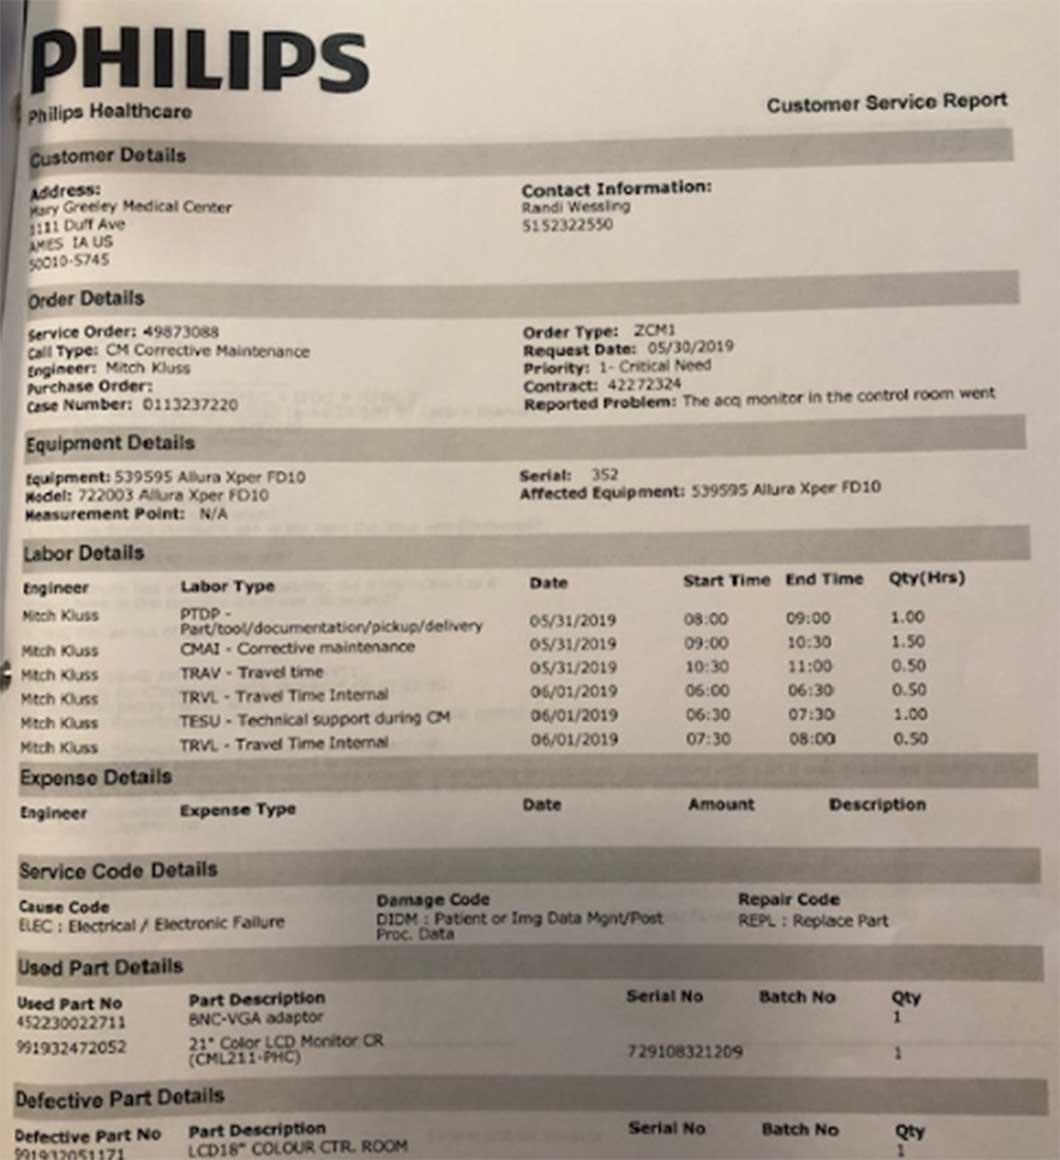 2006 Philips Cardiac/Vascular Lab Allura Xper FD-10